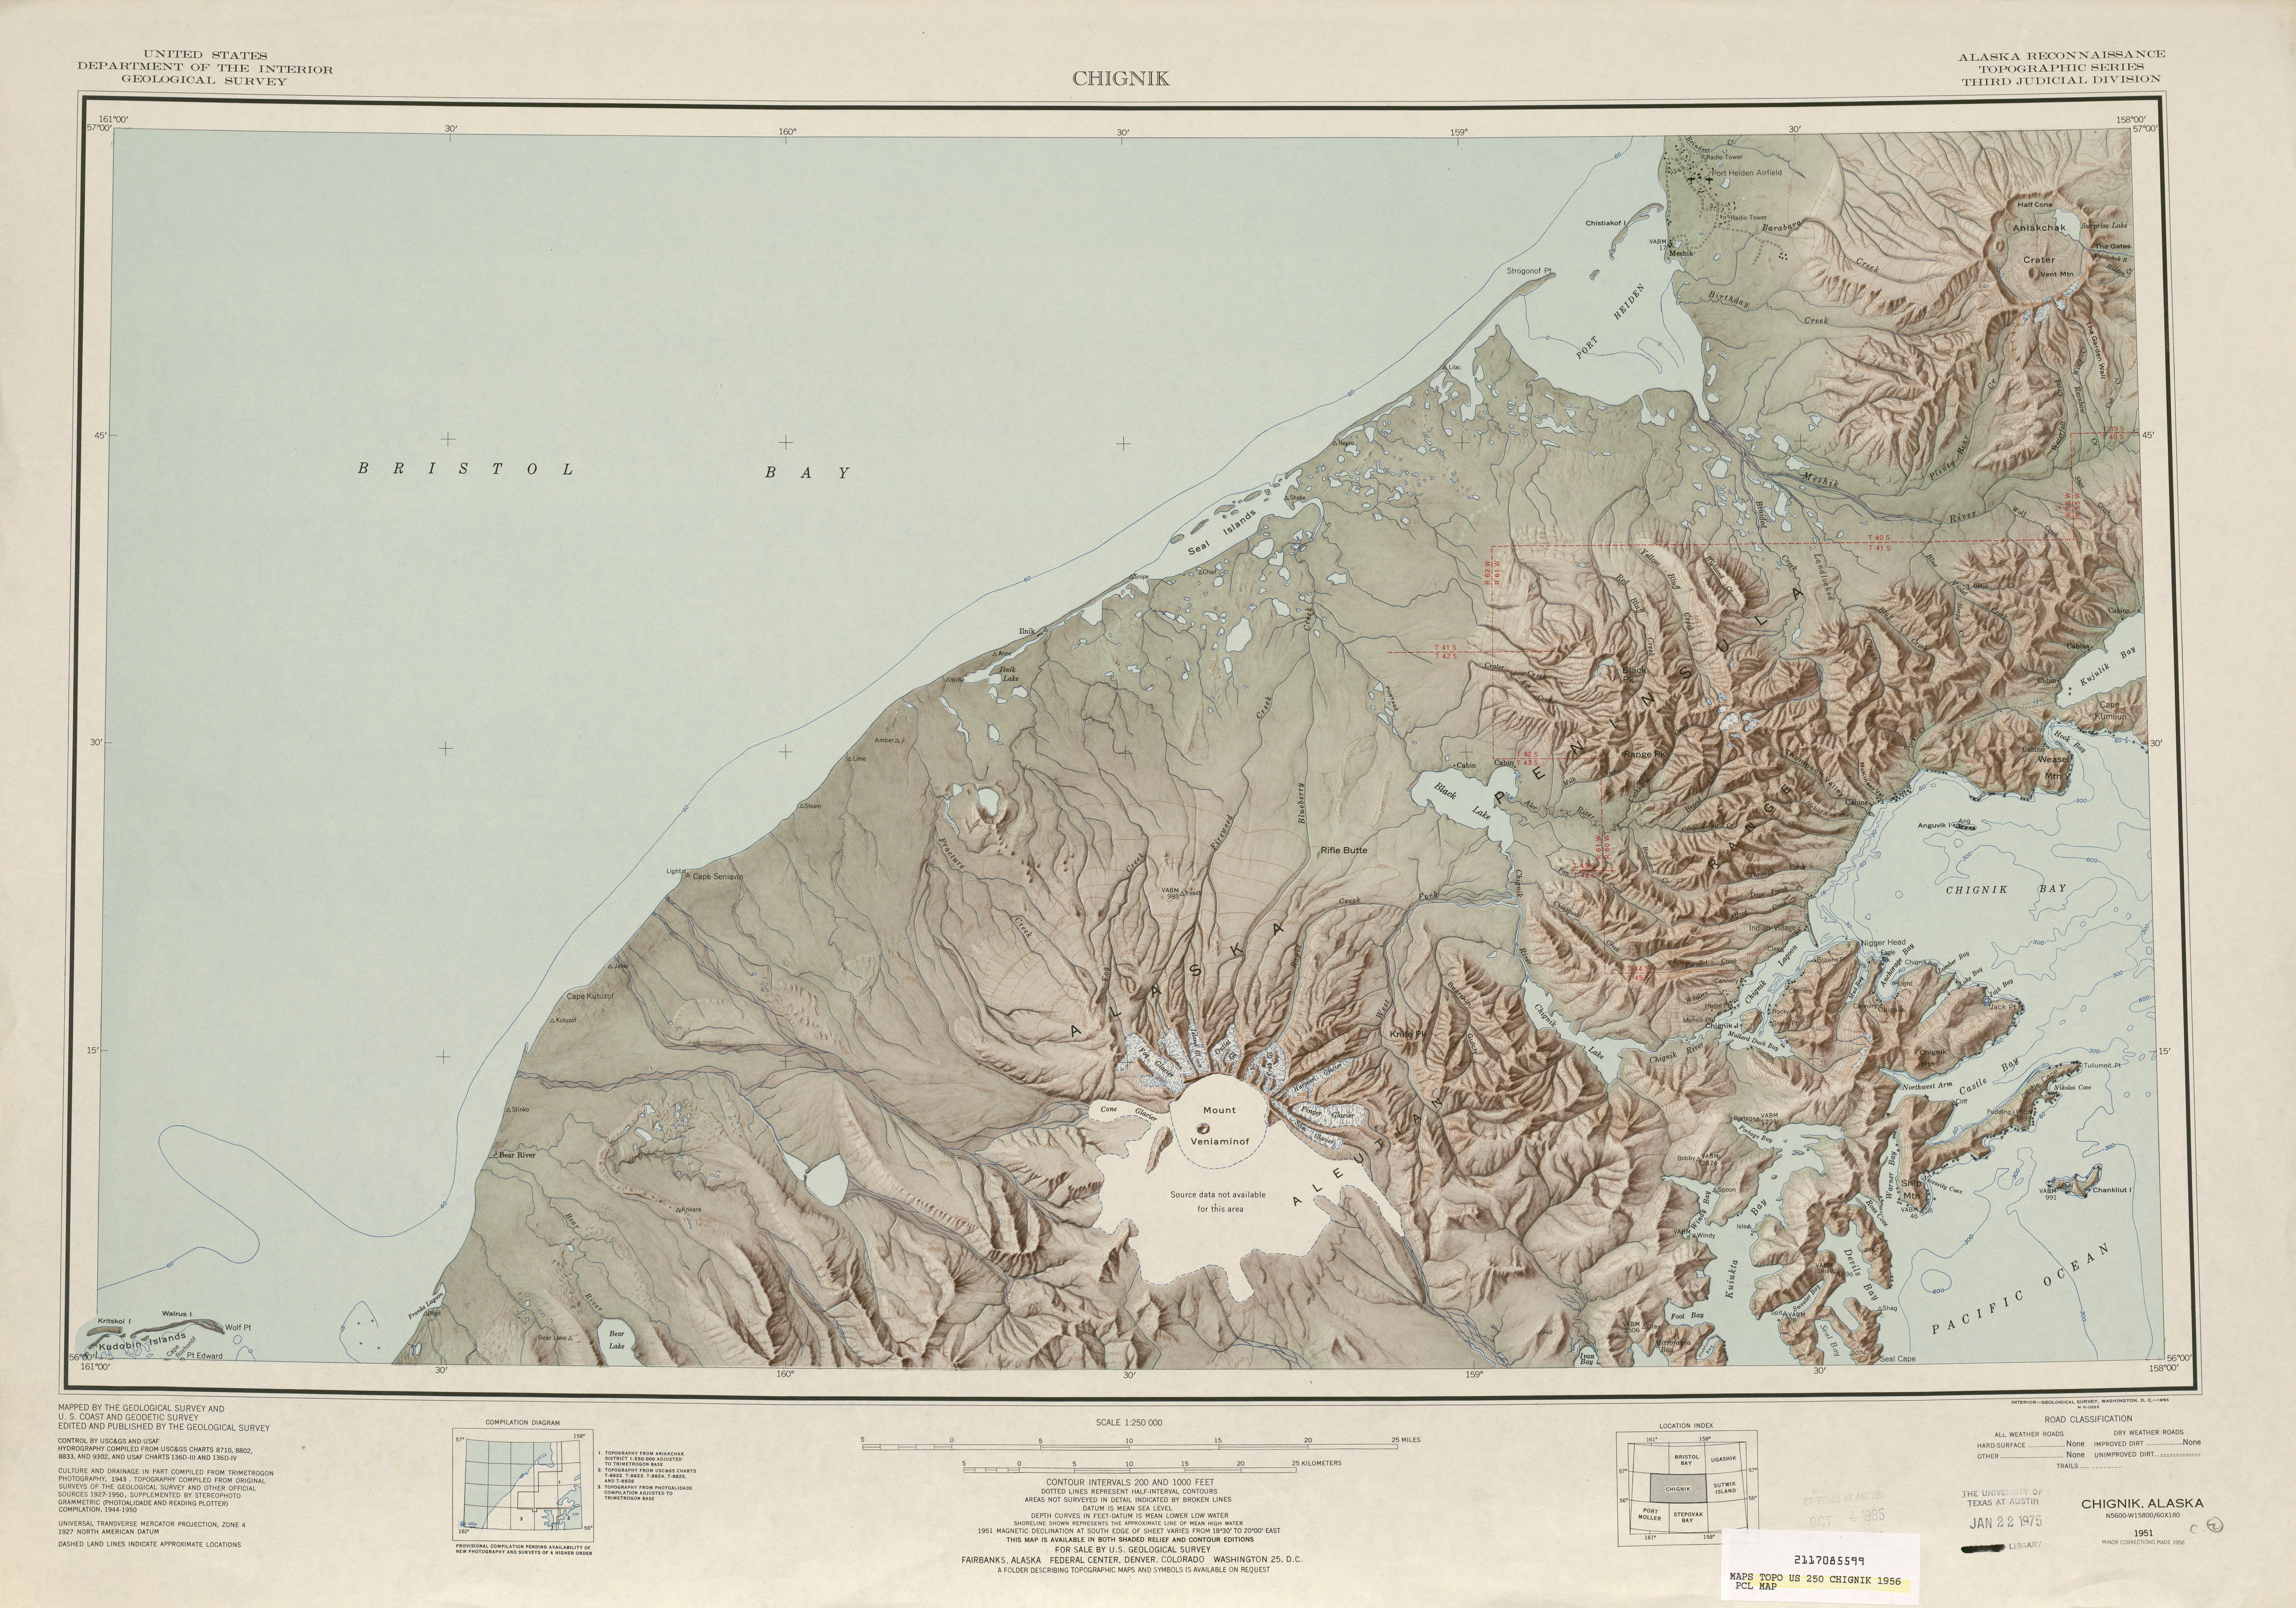 Hoja Chignik del Mapa de Relieve Sombreado de los Estados Unidos 1956